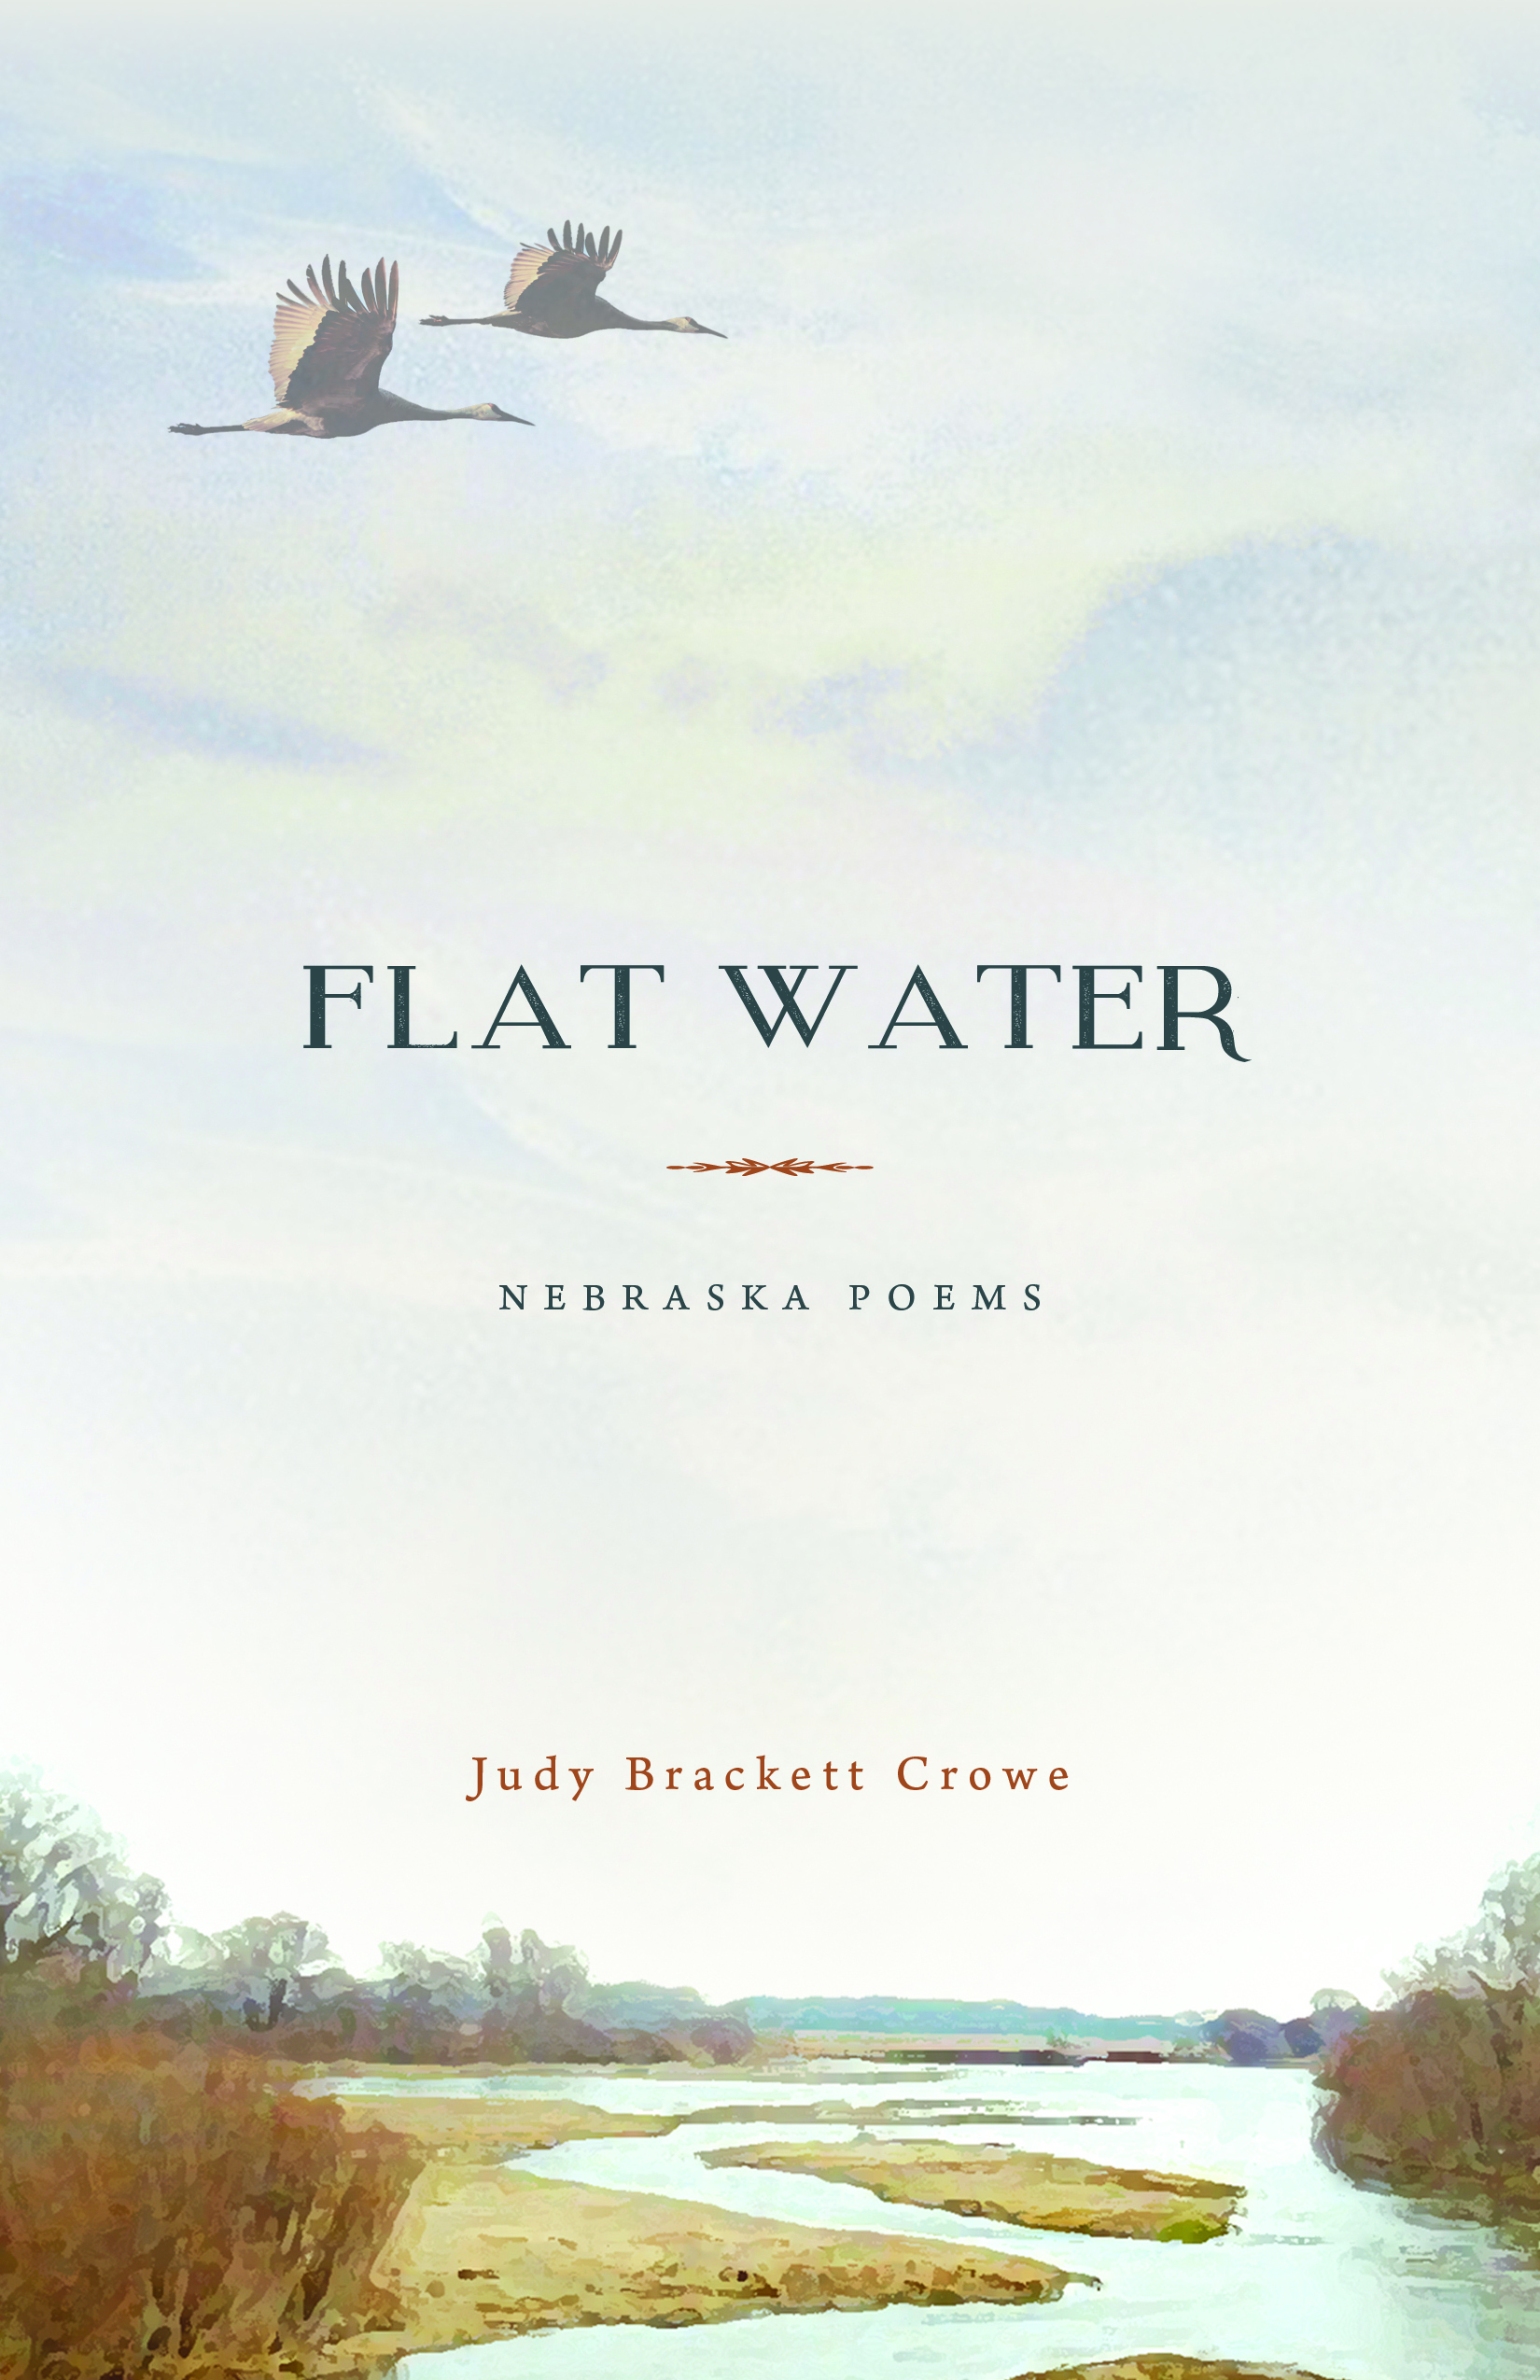 Flat Water Nebraska Poems, Judy Brackett Crowe, Finishing Line Press 2019  ISBN 978-1-63534-850-7